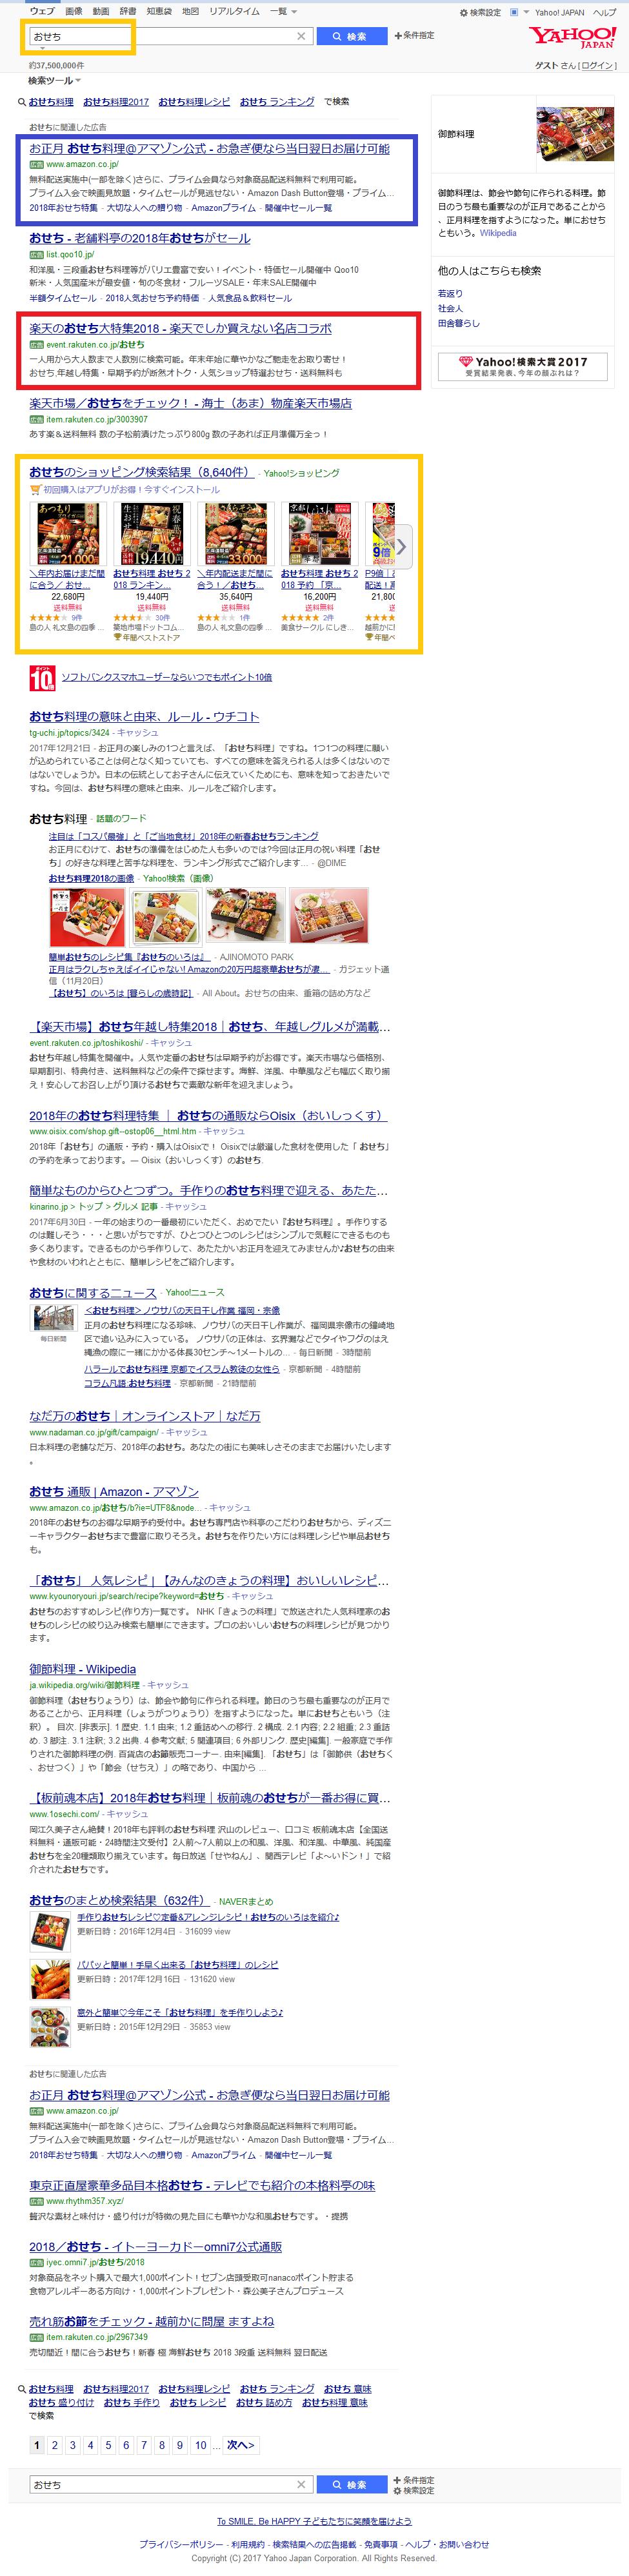 「おせち」の検索結果 - Yahoo!検索 - 171228-145200a.png